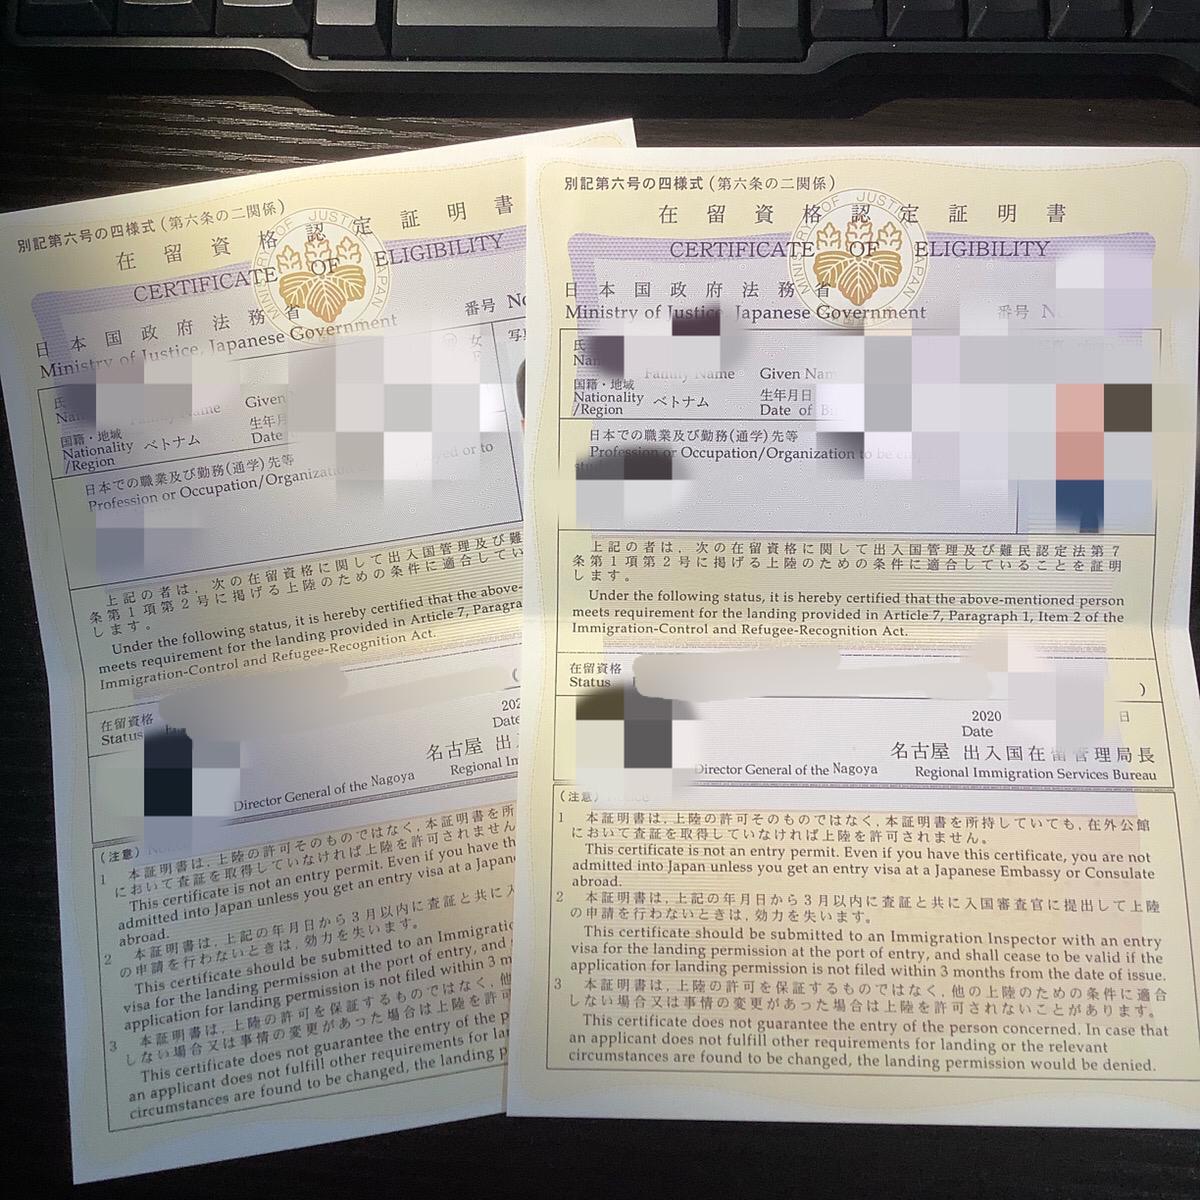 1.在留資格認定証明書交付申請とは?静岡県のA.C.C.行政書士事務所